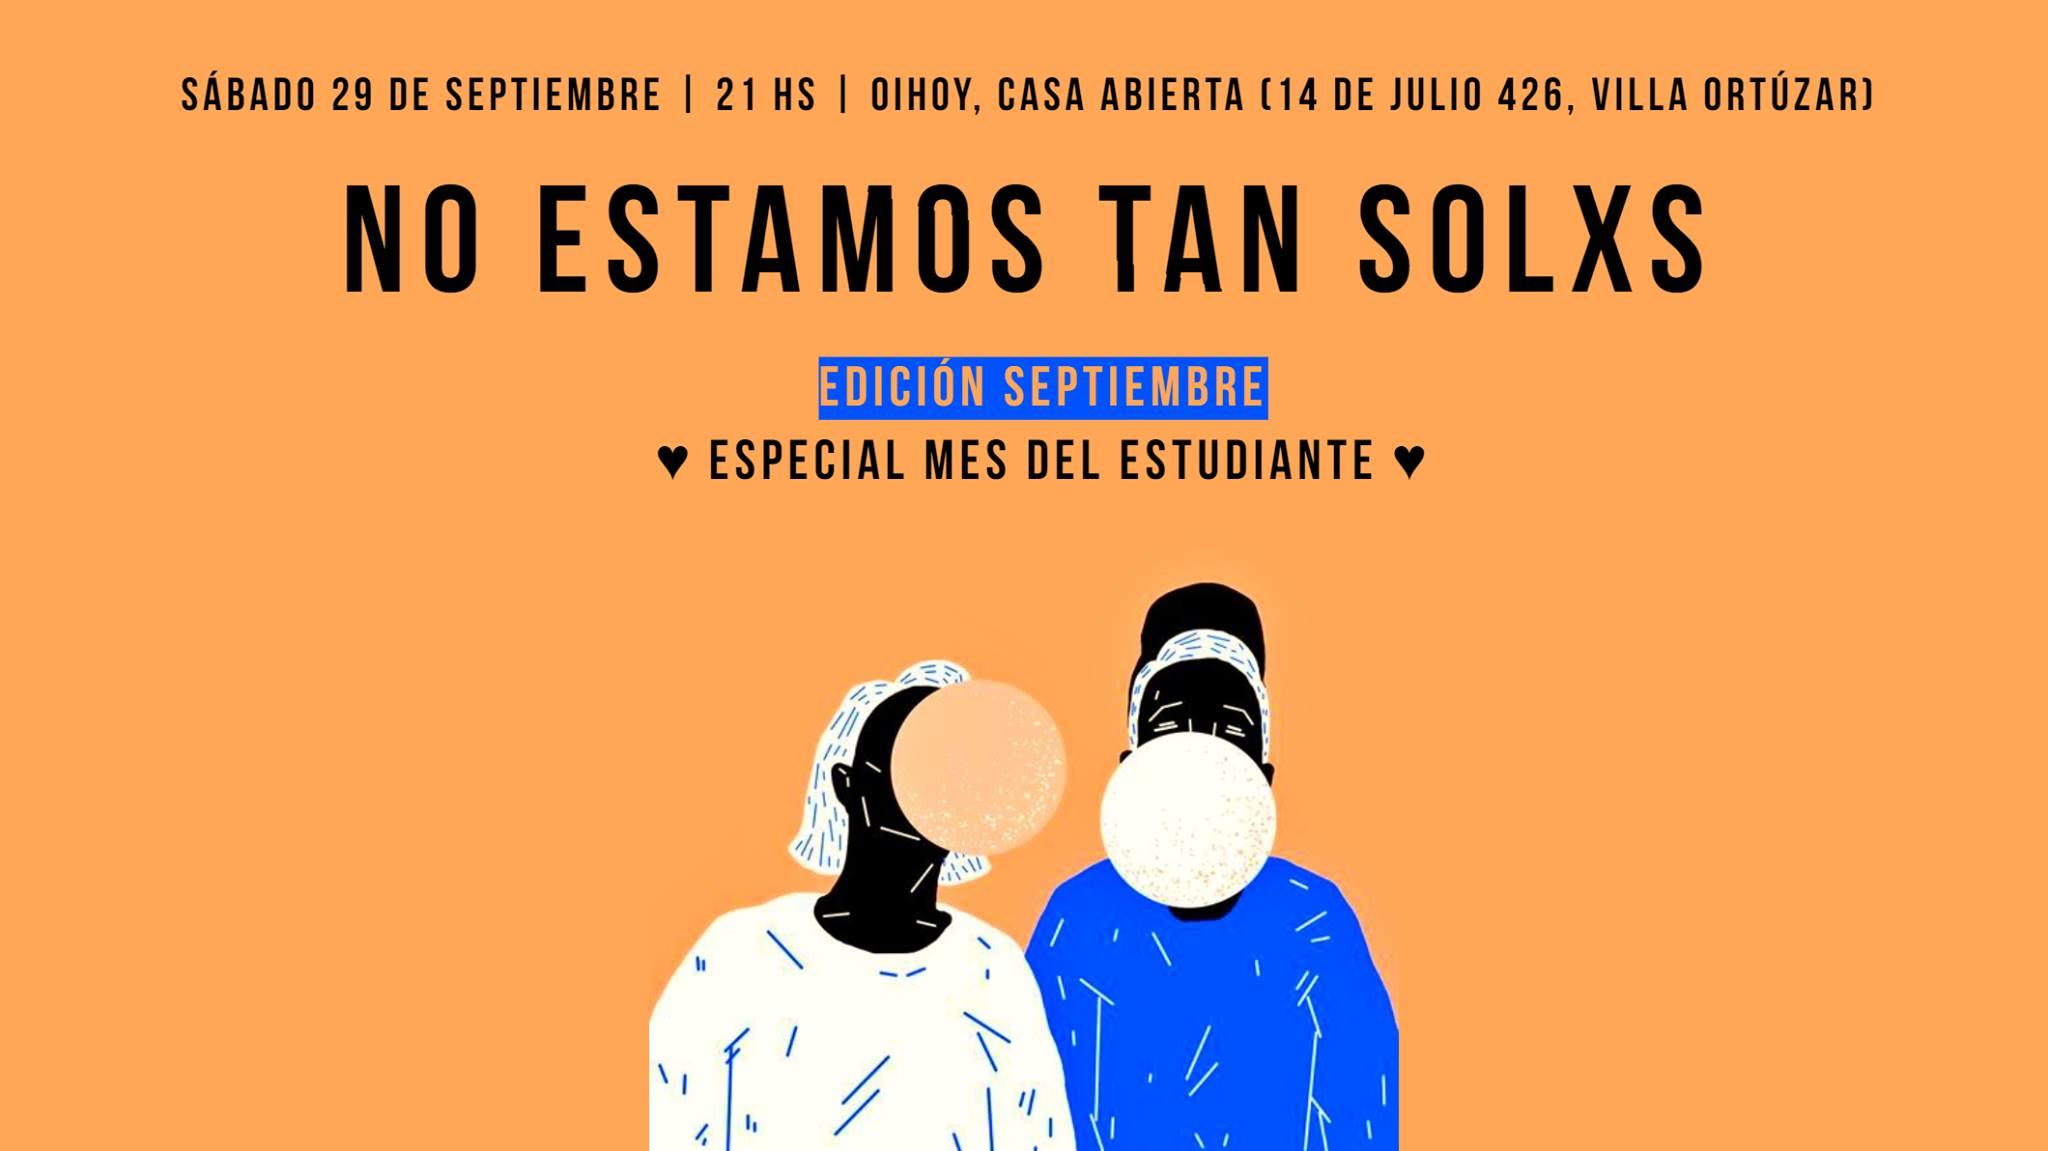 No Estamos Tan Solxs #Septiembre 13 - OiHoy Casa Abierta